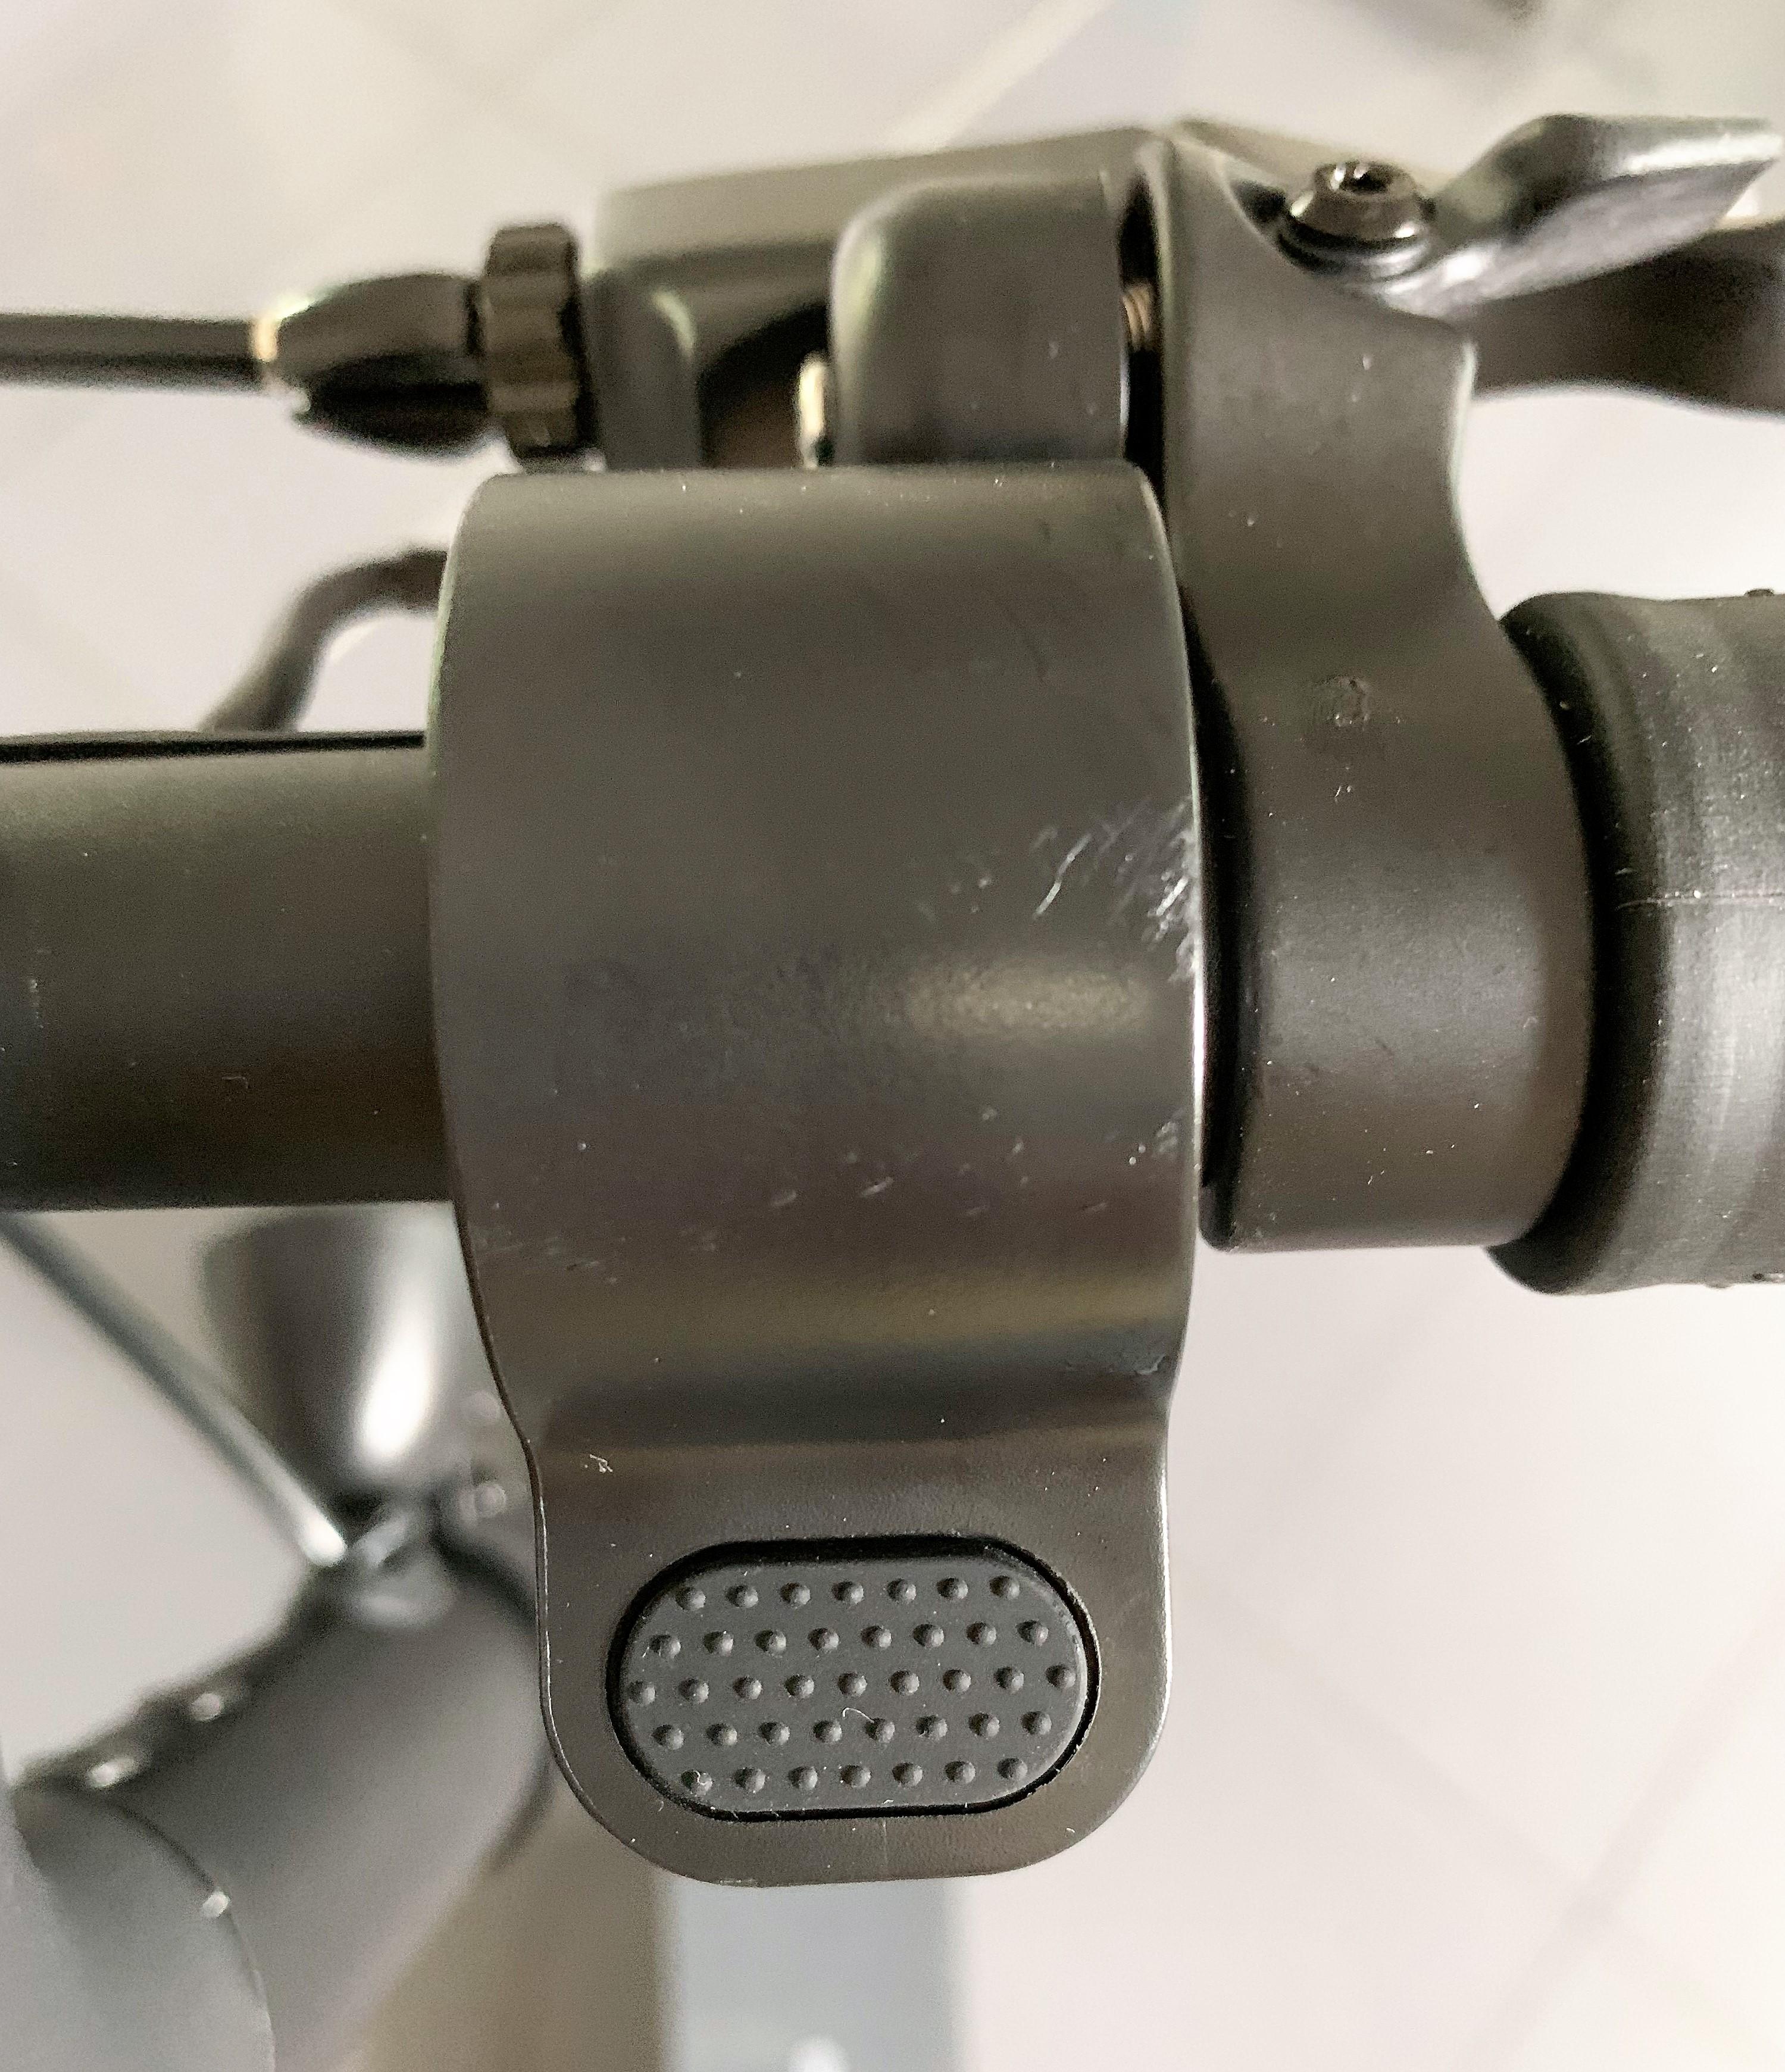 Geschwindigkeits Regelelement - mit schwarzer Griffläche